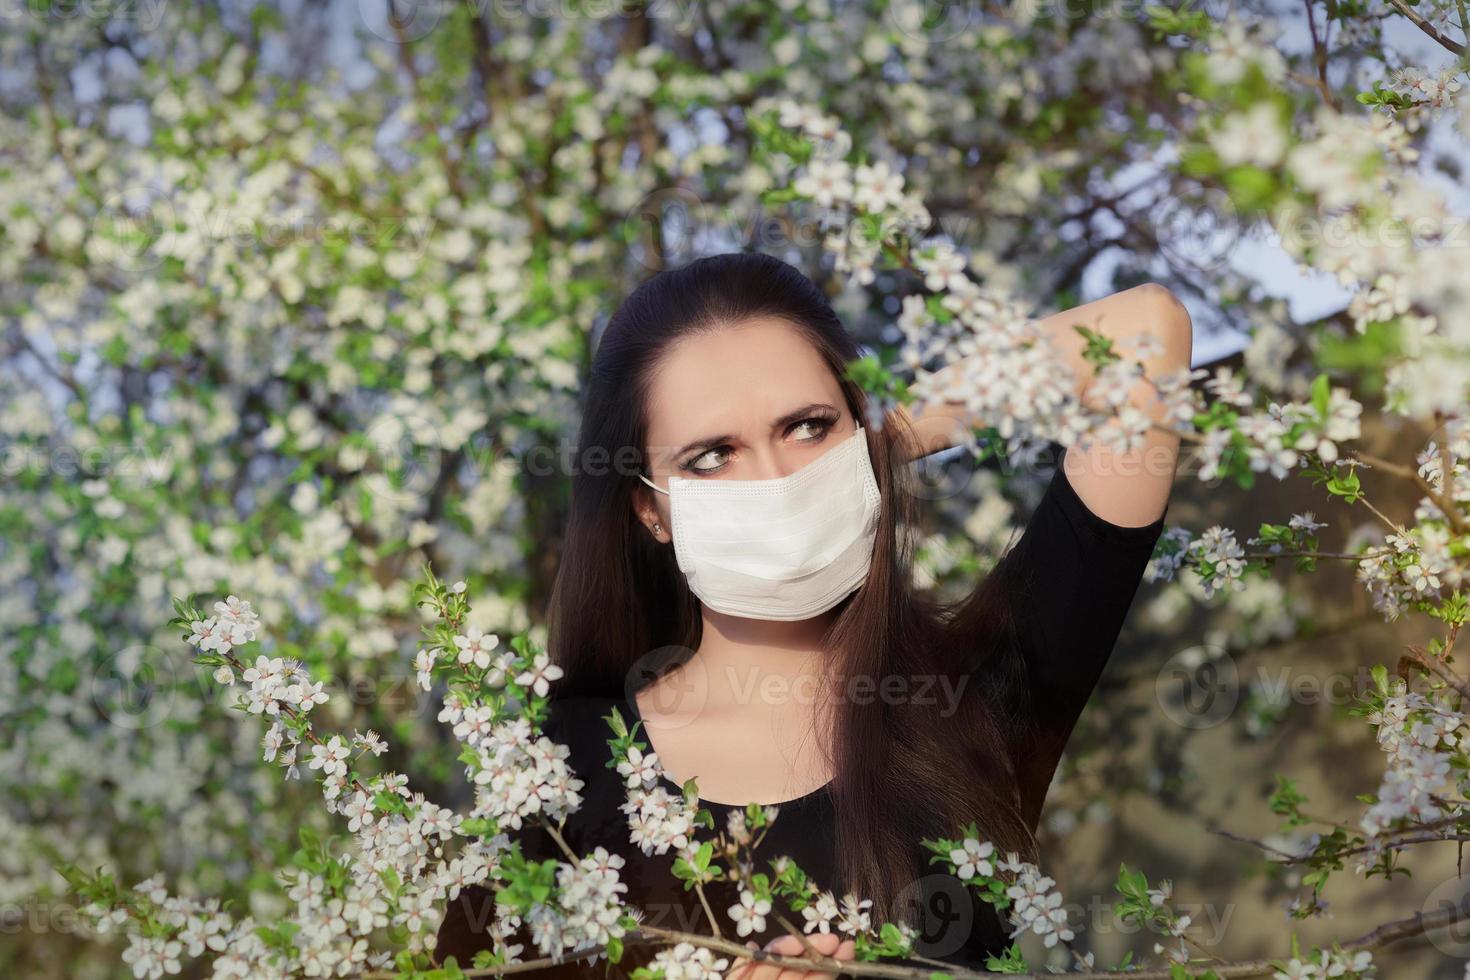 allergisches Mädchen mit Atemschutzmaske im blühenden Dekor des Frühlings foto